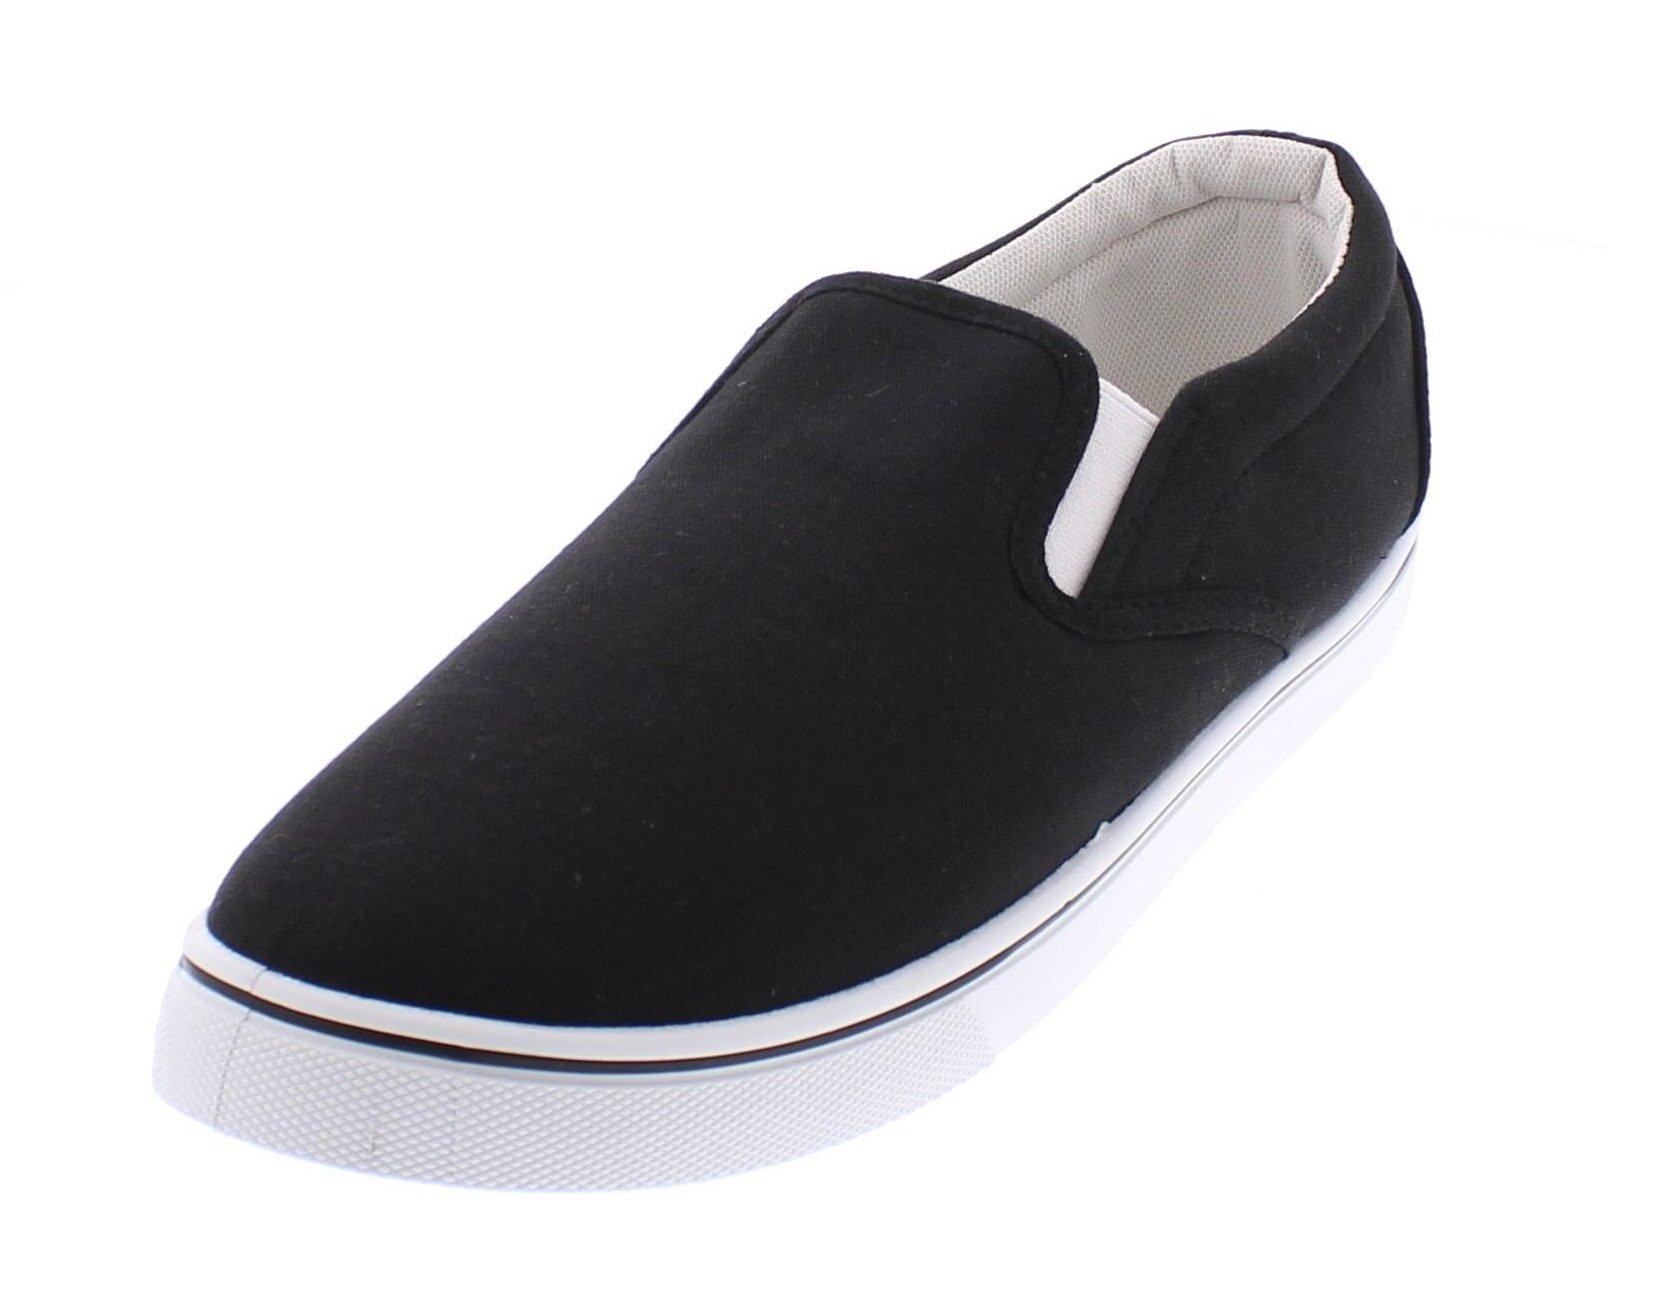 Gold Toe Doug Mens Slip On Shoes Casual,Memory Foam Sneakers Men,Canvas Shoe,Men's Deck Shoes,Skate Shoes Black 11D US